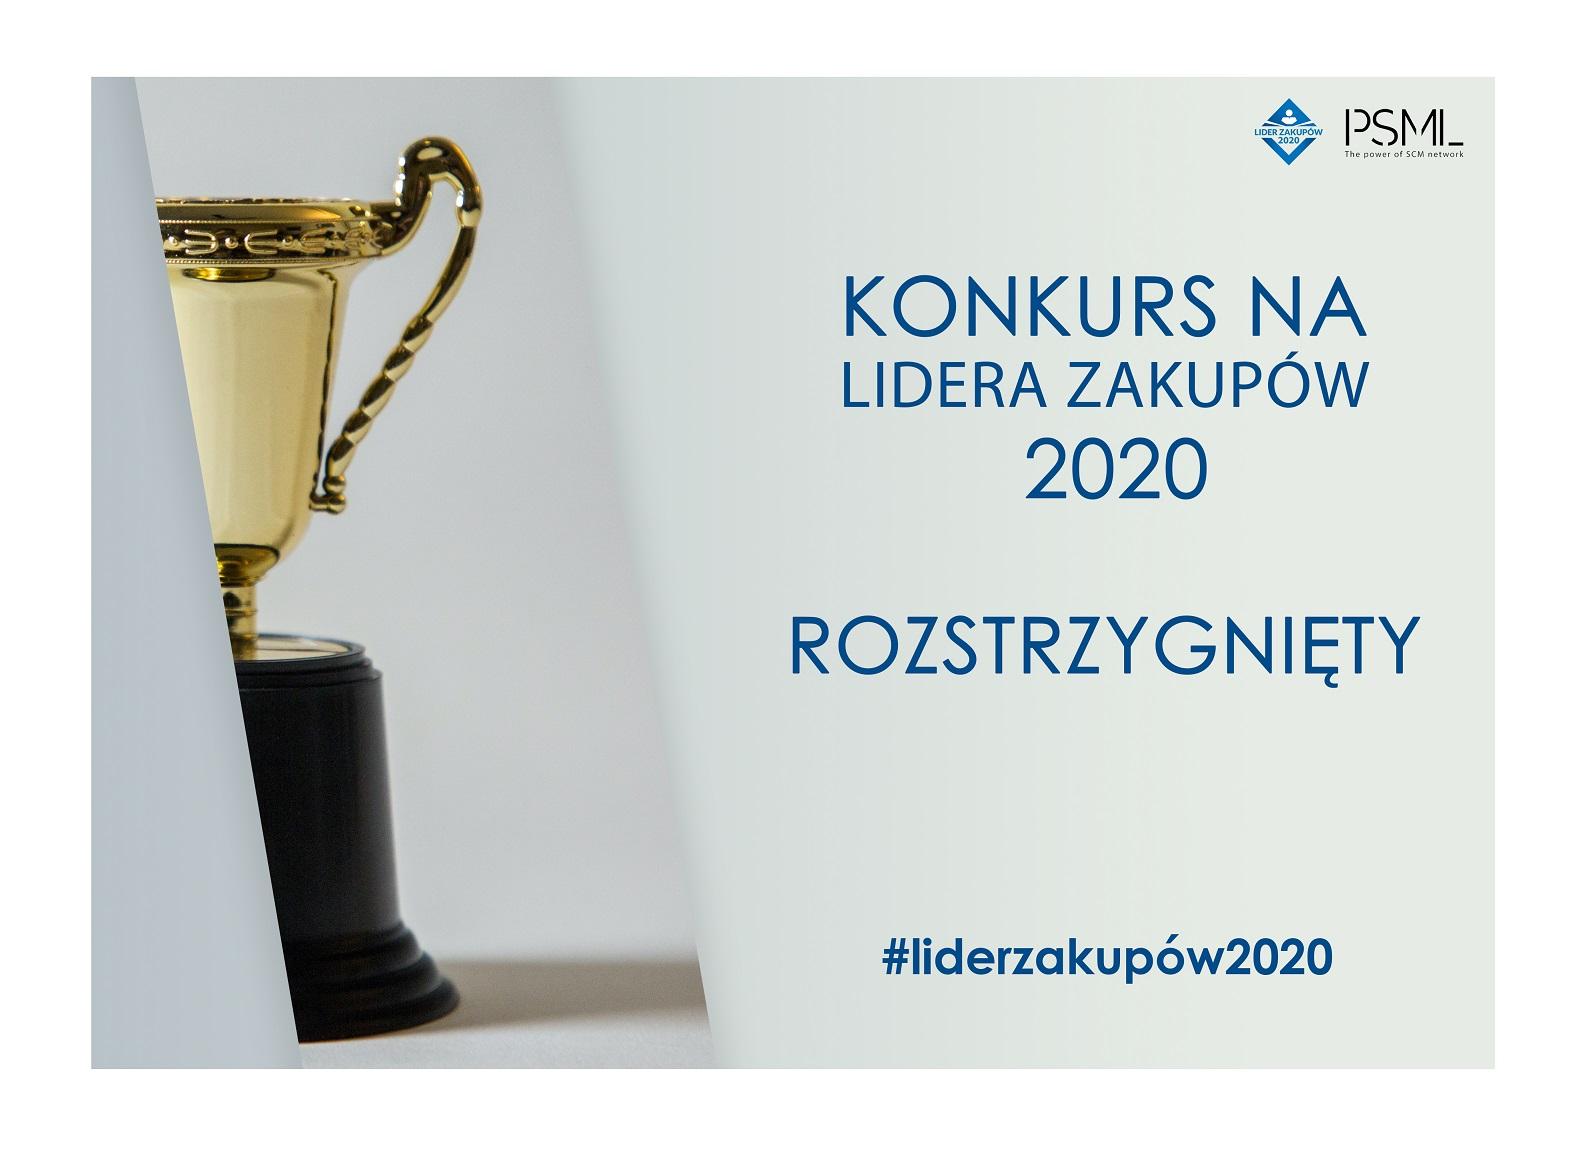 Konkurs na Lidera Zakupów 2020 rozstrzygnięty!